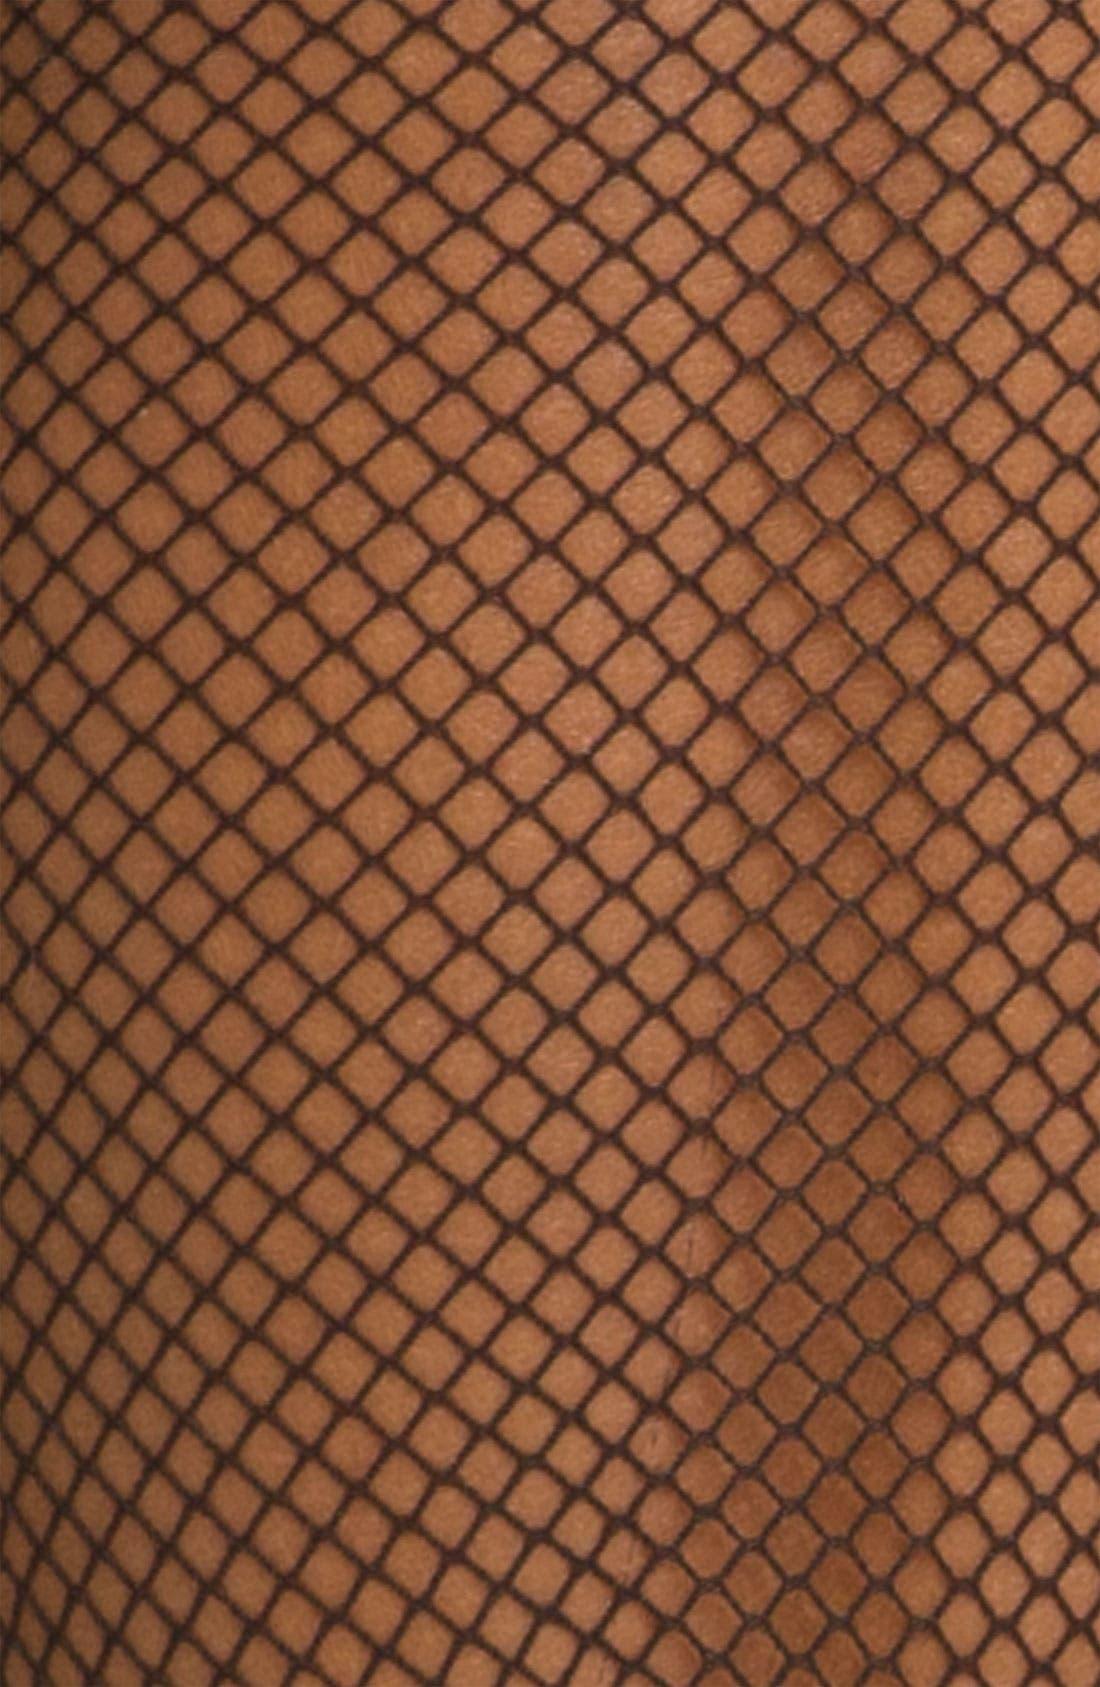 Fishnet Trouser Socks,                             Alternate thumbnail 2, color,                             001